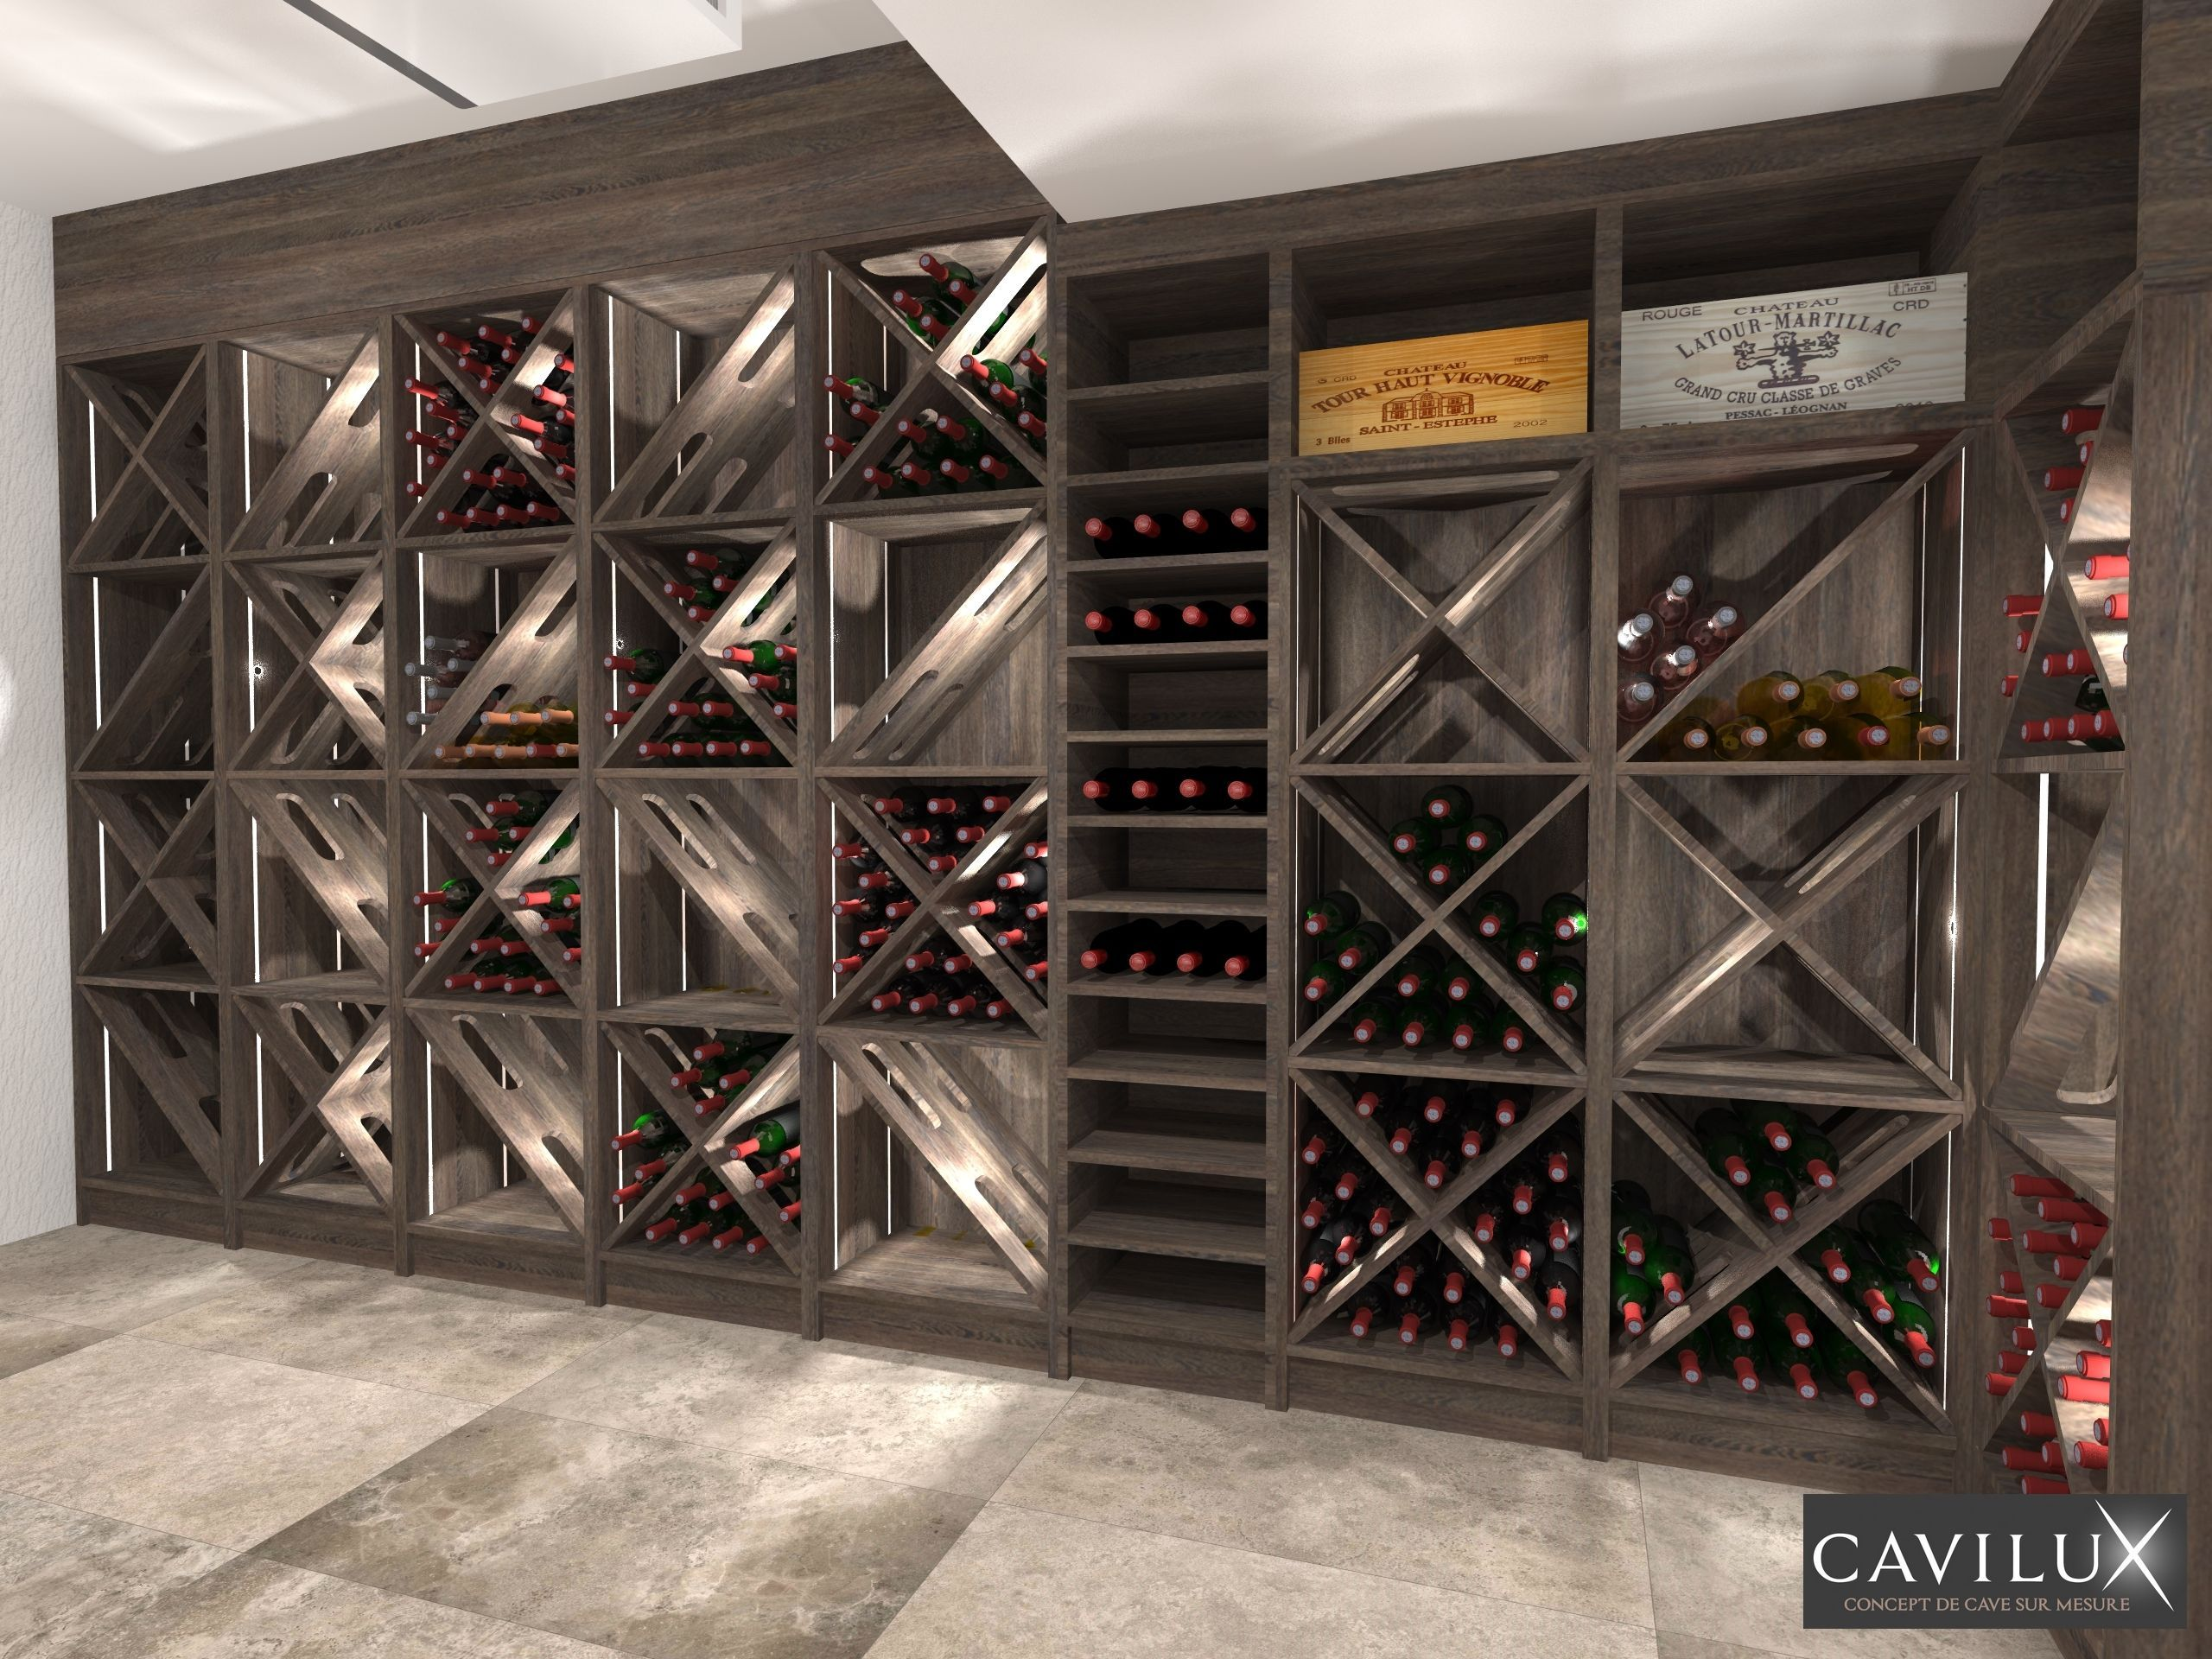 Projets 3d Cavilux Fabricant De Cave A Vin Sur Mesure Home